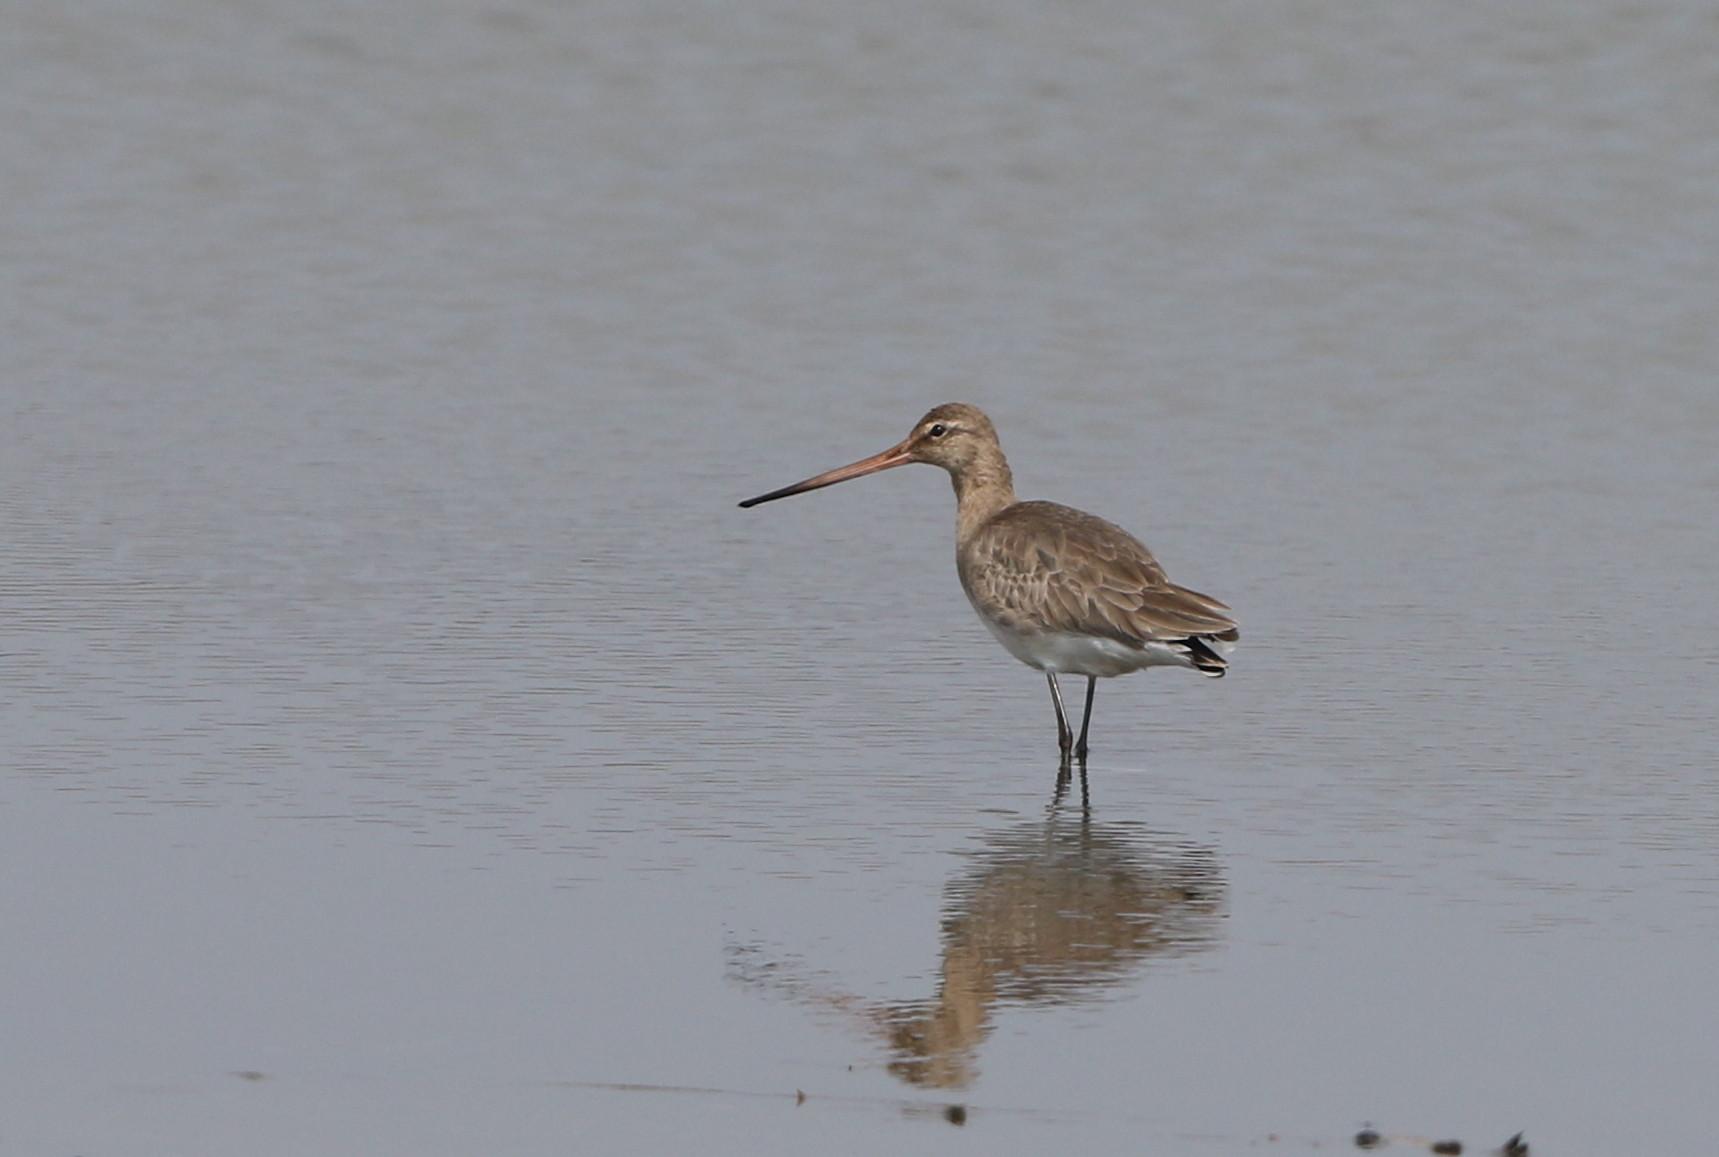 MFの沼でオグロシギを撮る_f0239515_2144426.jpg